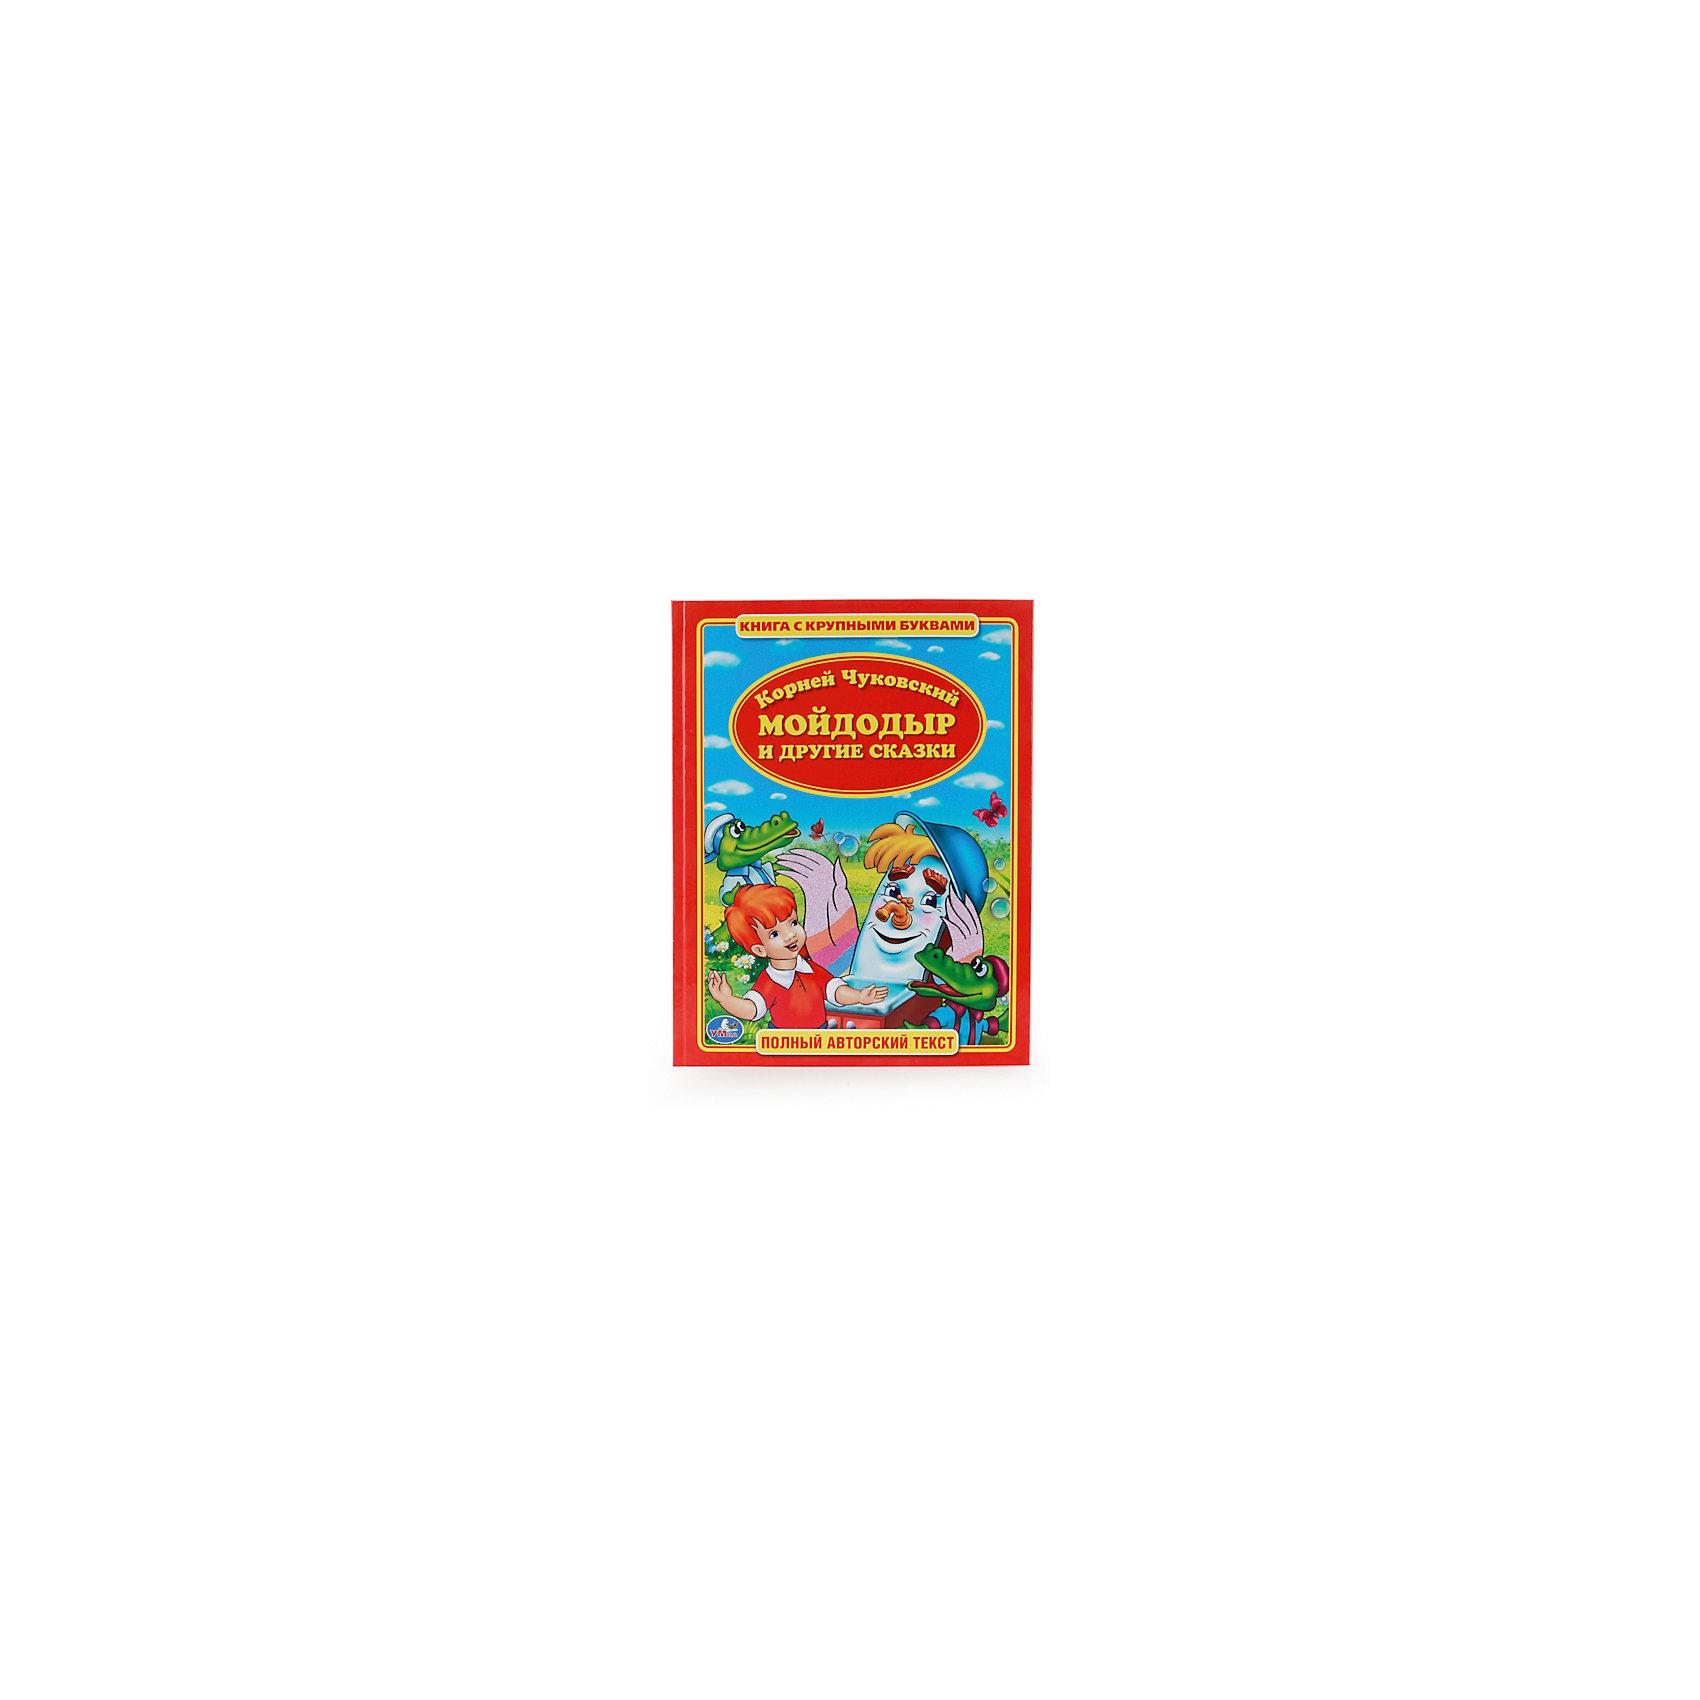 Книга с крупными буквами Мойдодыр, К.ЧуковскийХарактеристики товара:<br><br>• размер: 26x20 см<br>• материал: картон<br>• страниц: 32<br>• возраст: 0+<br>• обложка: твердая<br>• цветные иллюстрации<br>• страна бренда: РФ<br>• страна изготовитель: РФ<br><br>Сказки и стихи не только развлекают малышей, они помогают учиться и познавать мир! Такая книжка станет отличным подарком ребенку и родителям - ведь с помощью неё можно учиться добру и рассматривать картинки. Формат - очень удобный, качество печати - отличное! Книжка дополнена яркими картинками. Книжки с крупными буквами созданы специально для малышей - так им легче научиться читать.<br>Чтение даже в юном возрасте помогает детям развивать важные навыки и способности, оно активизирует мышление, формирует усидчивость, логику и воображение. Изделие производится из качественных и проверенных материалов, которые безопасны для детей.<br><br>Книжку с крупными буквами Мойдодыр, К.Чуковский от бренда Умка можно купить в нашем интернет-магазине.<br><br>Ширина мм: 10<br>Глубина мм: 260<br>Высота мм: 200<br>Вес г: 210<br>Возраст от месяцев: 36<br>Возраст до месяцев: 72<br>Пол: Унисекс<br>Возраст: Детский<br>SKU: 5196925